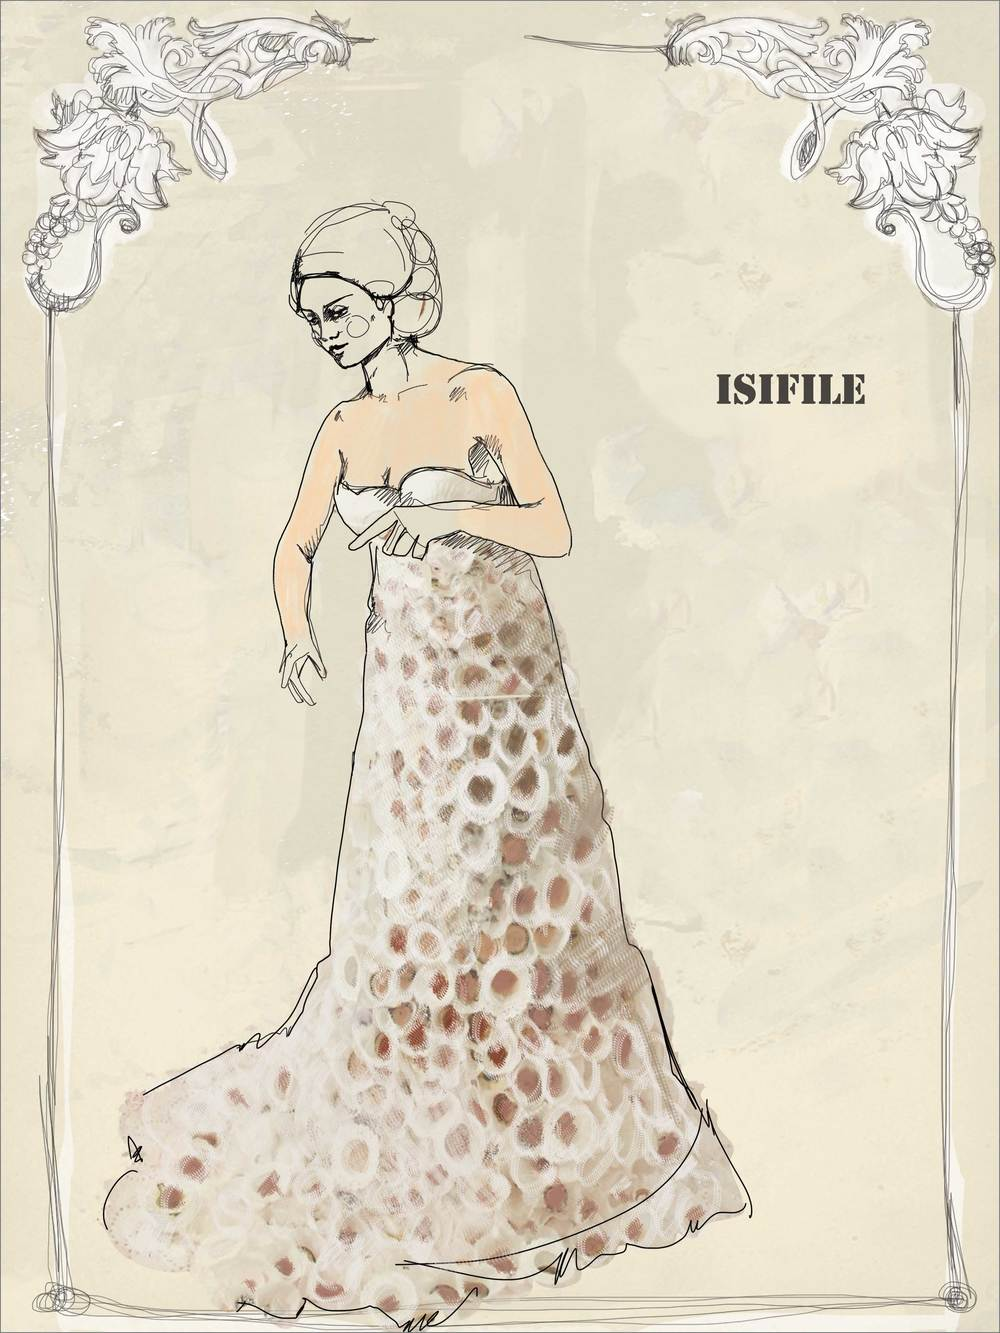 isifile.jpg